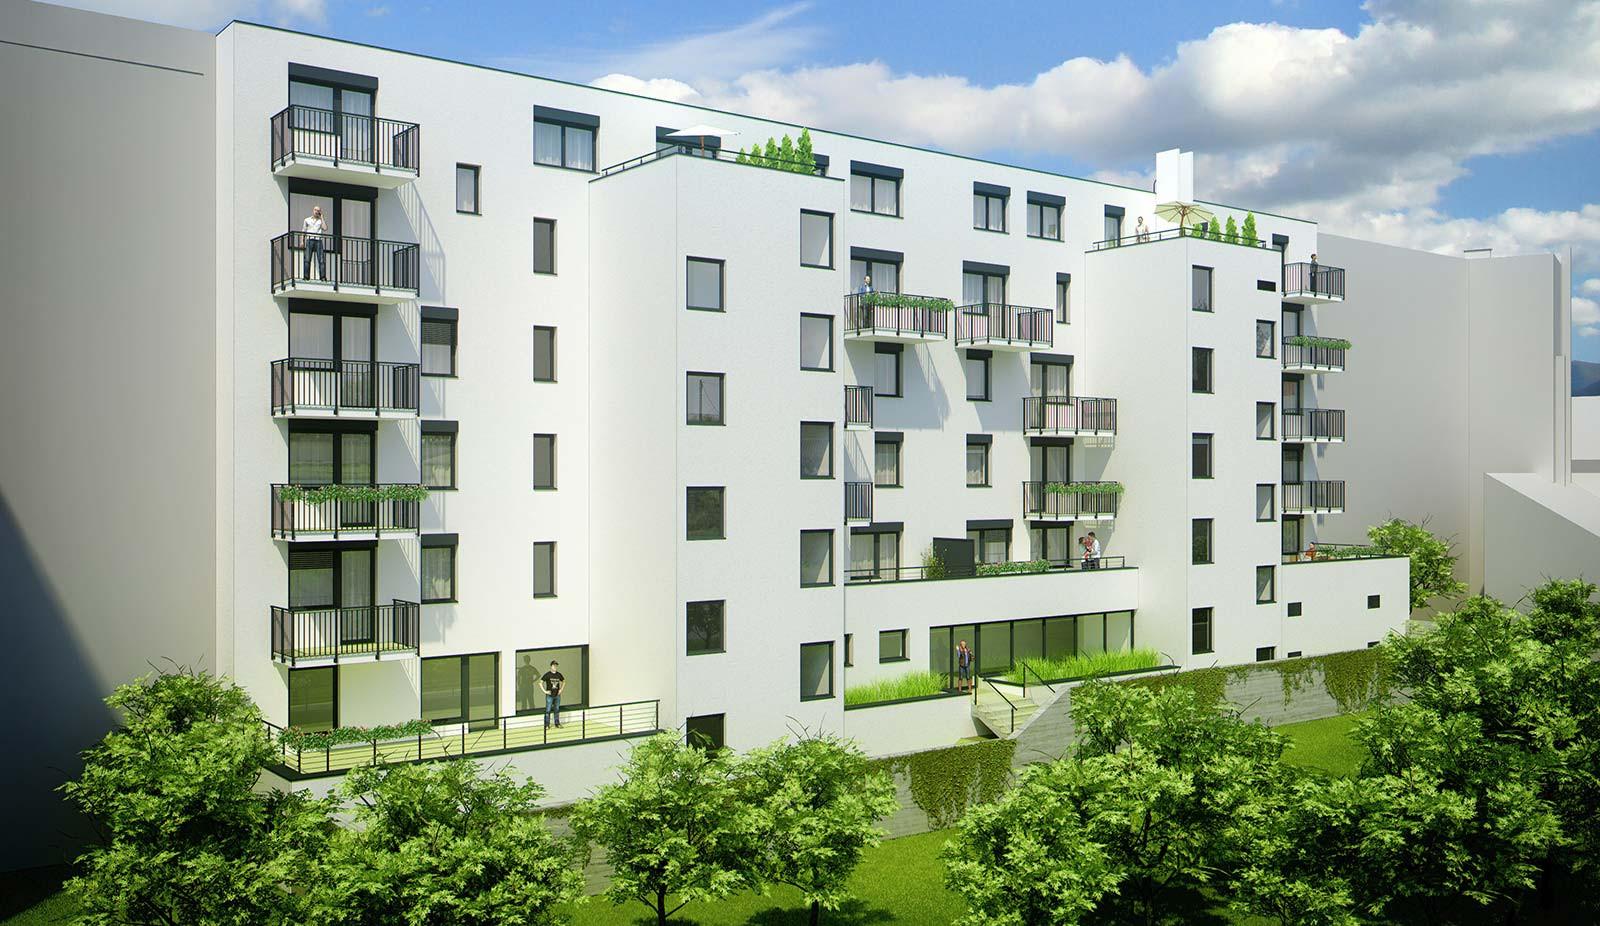 Byt, 2 - izbový, 56.85m2, Bratislava I - Staré Mesto, Beskydská ulica